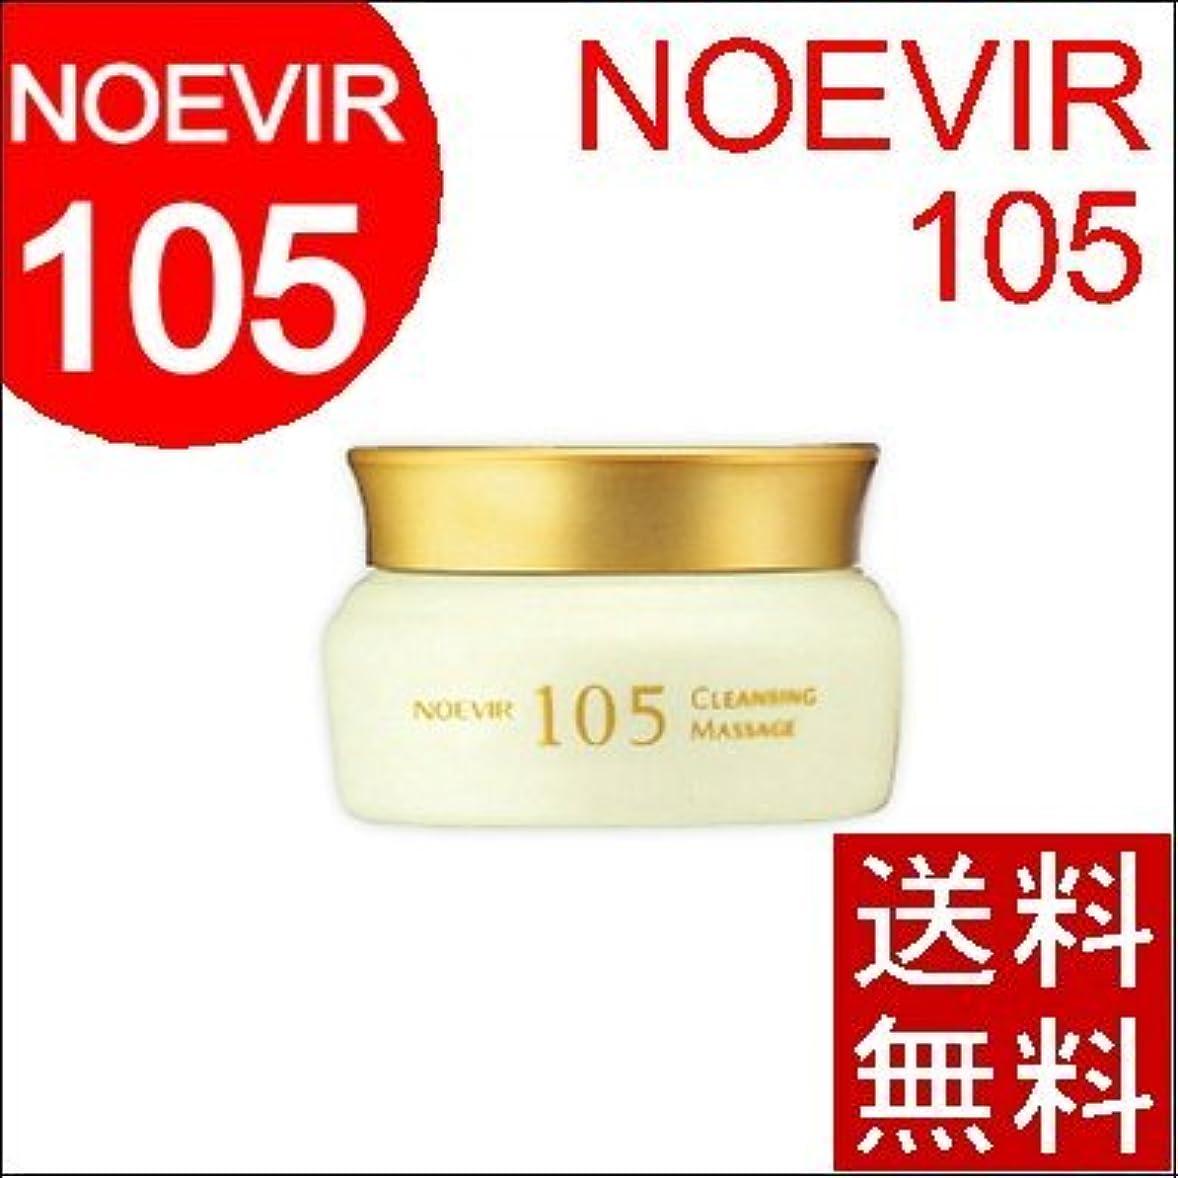 プロペラ失速麦芽ノエビア 105 クレンジングマッサージクリームN 100g